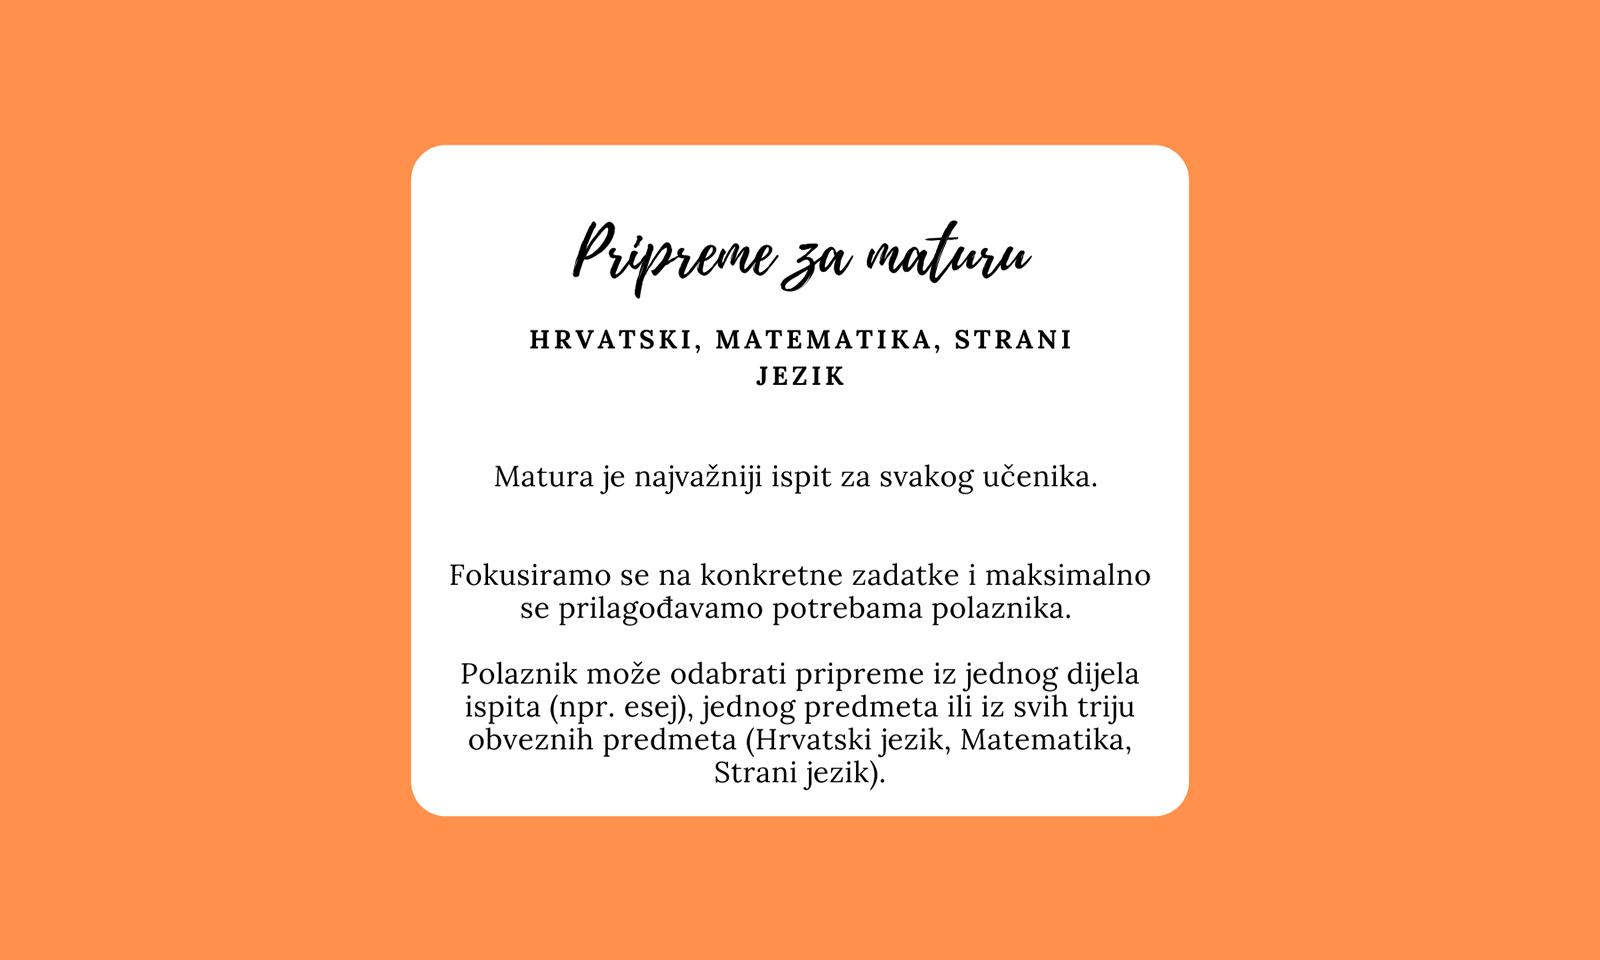 Obrnuta učionica - Novosti - Pripreme za maturu